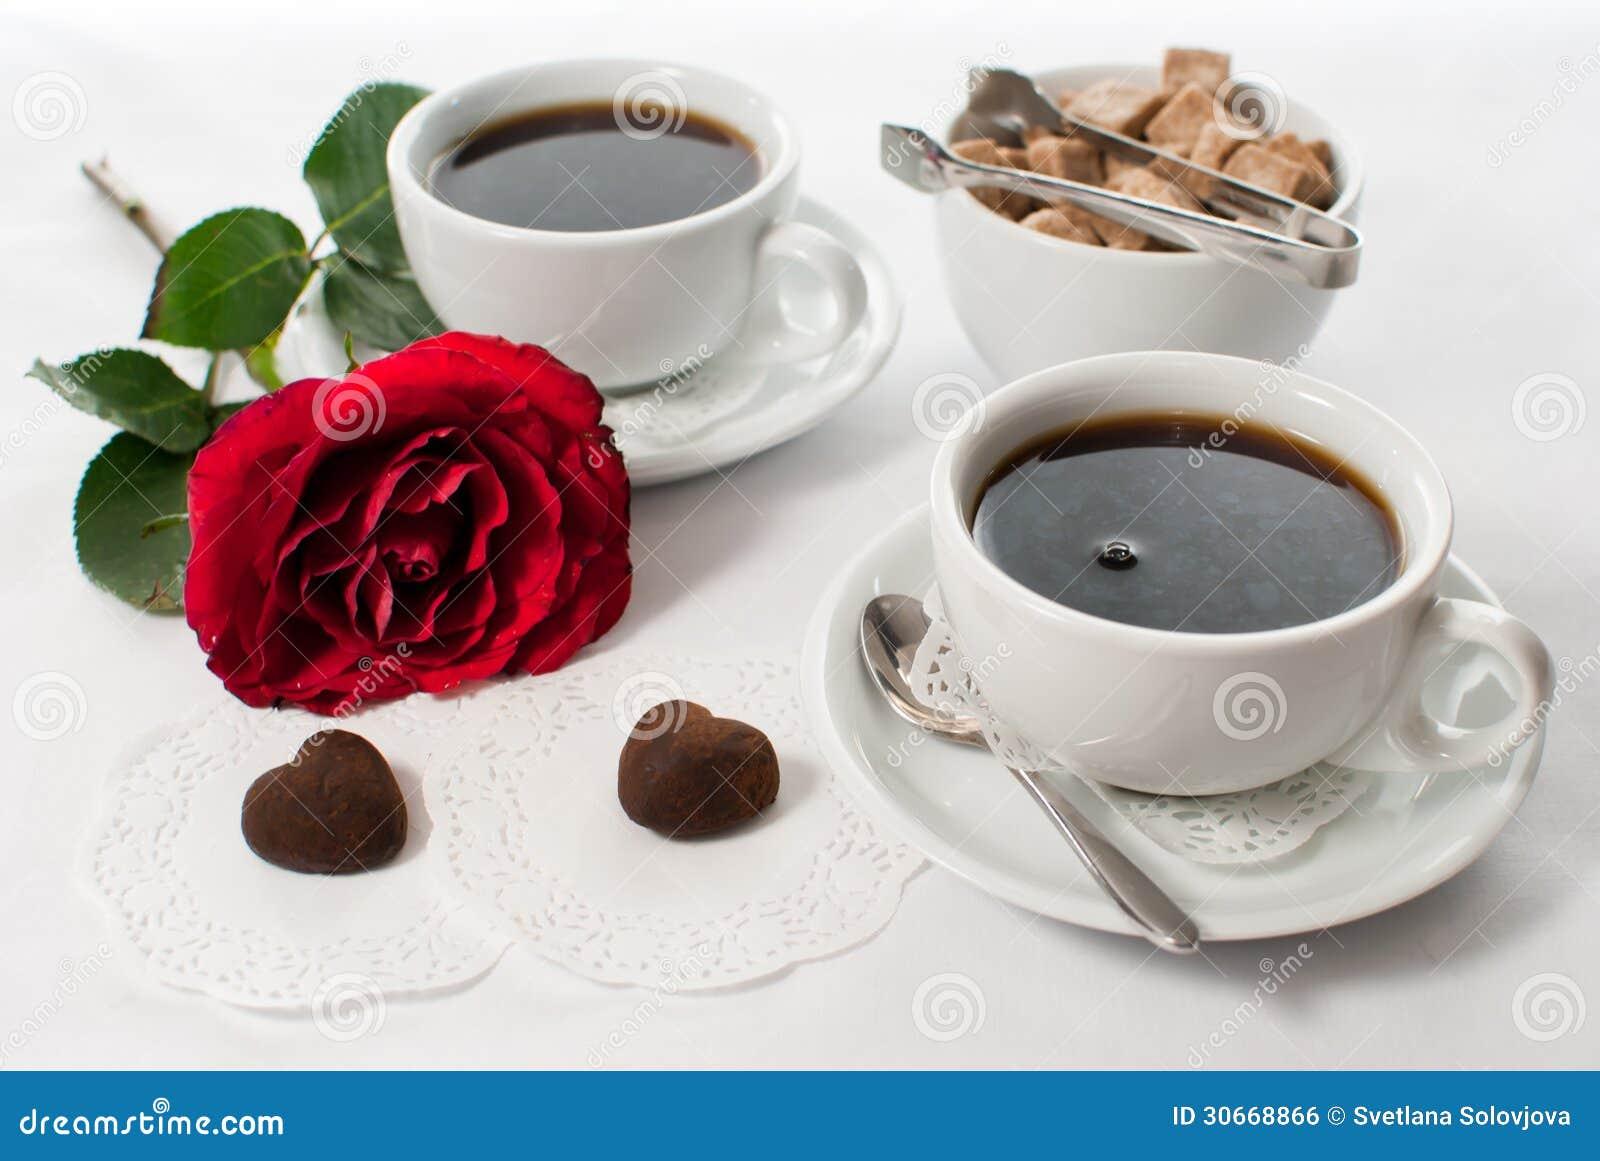 Tasses A Cafe Romantique